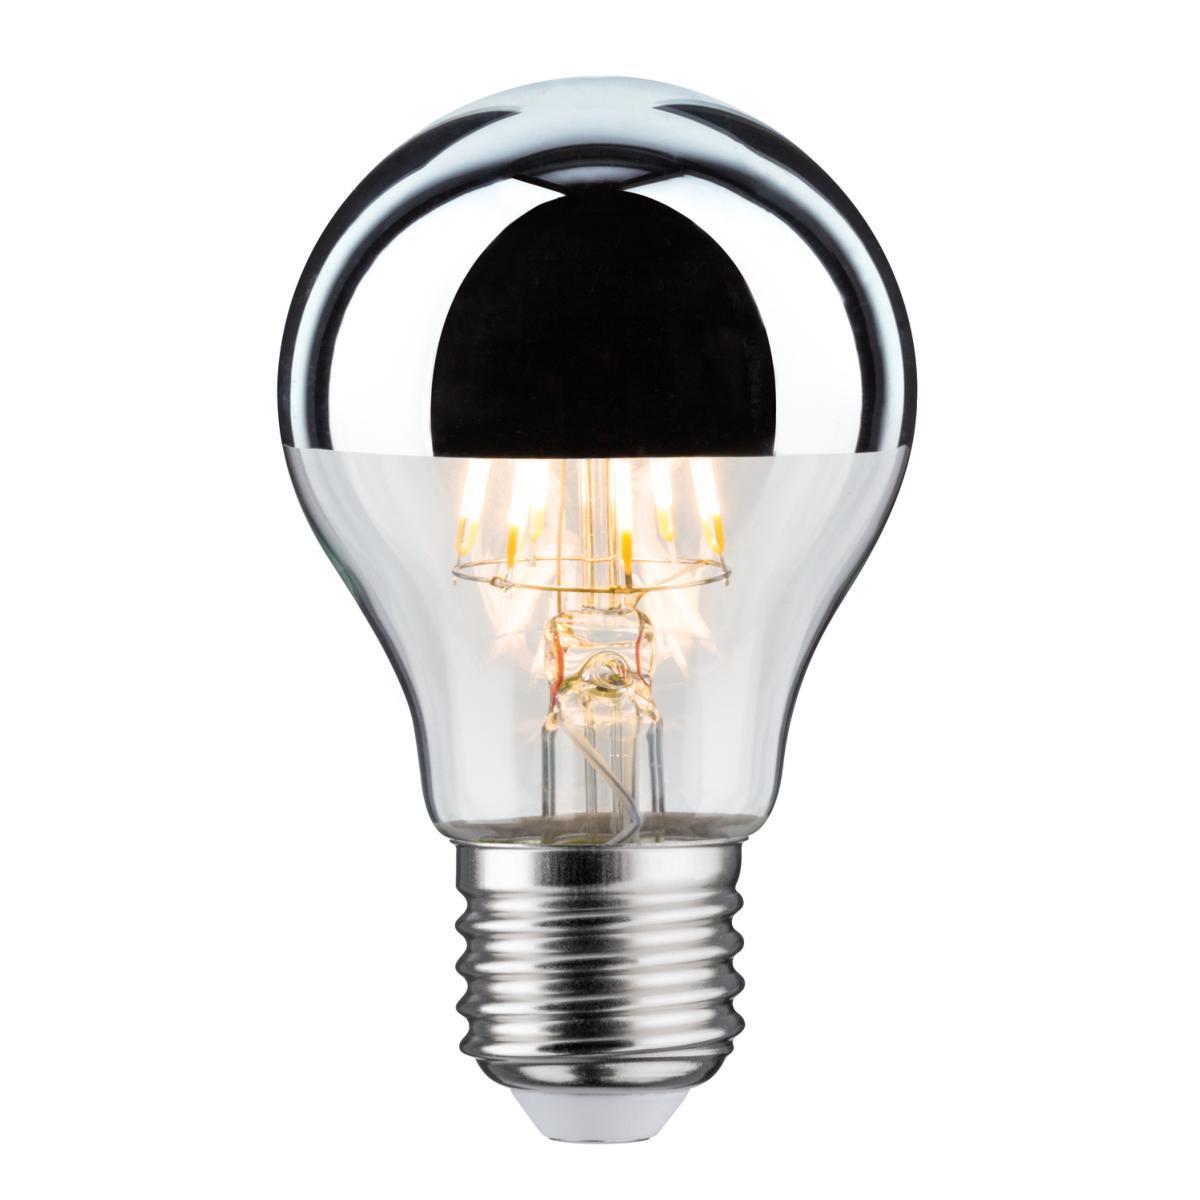 E27 Blanc 5w Led Argentée 28375 Chaud 7 Paulmann Lampe Calotte Filament lTFc3KJ1